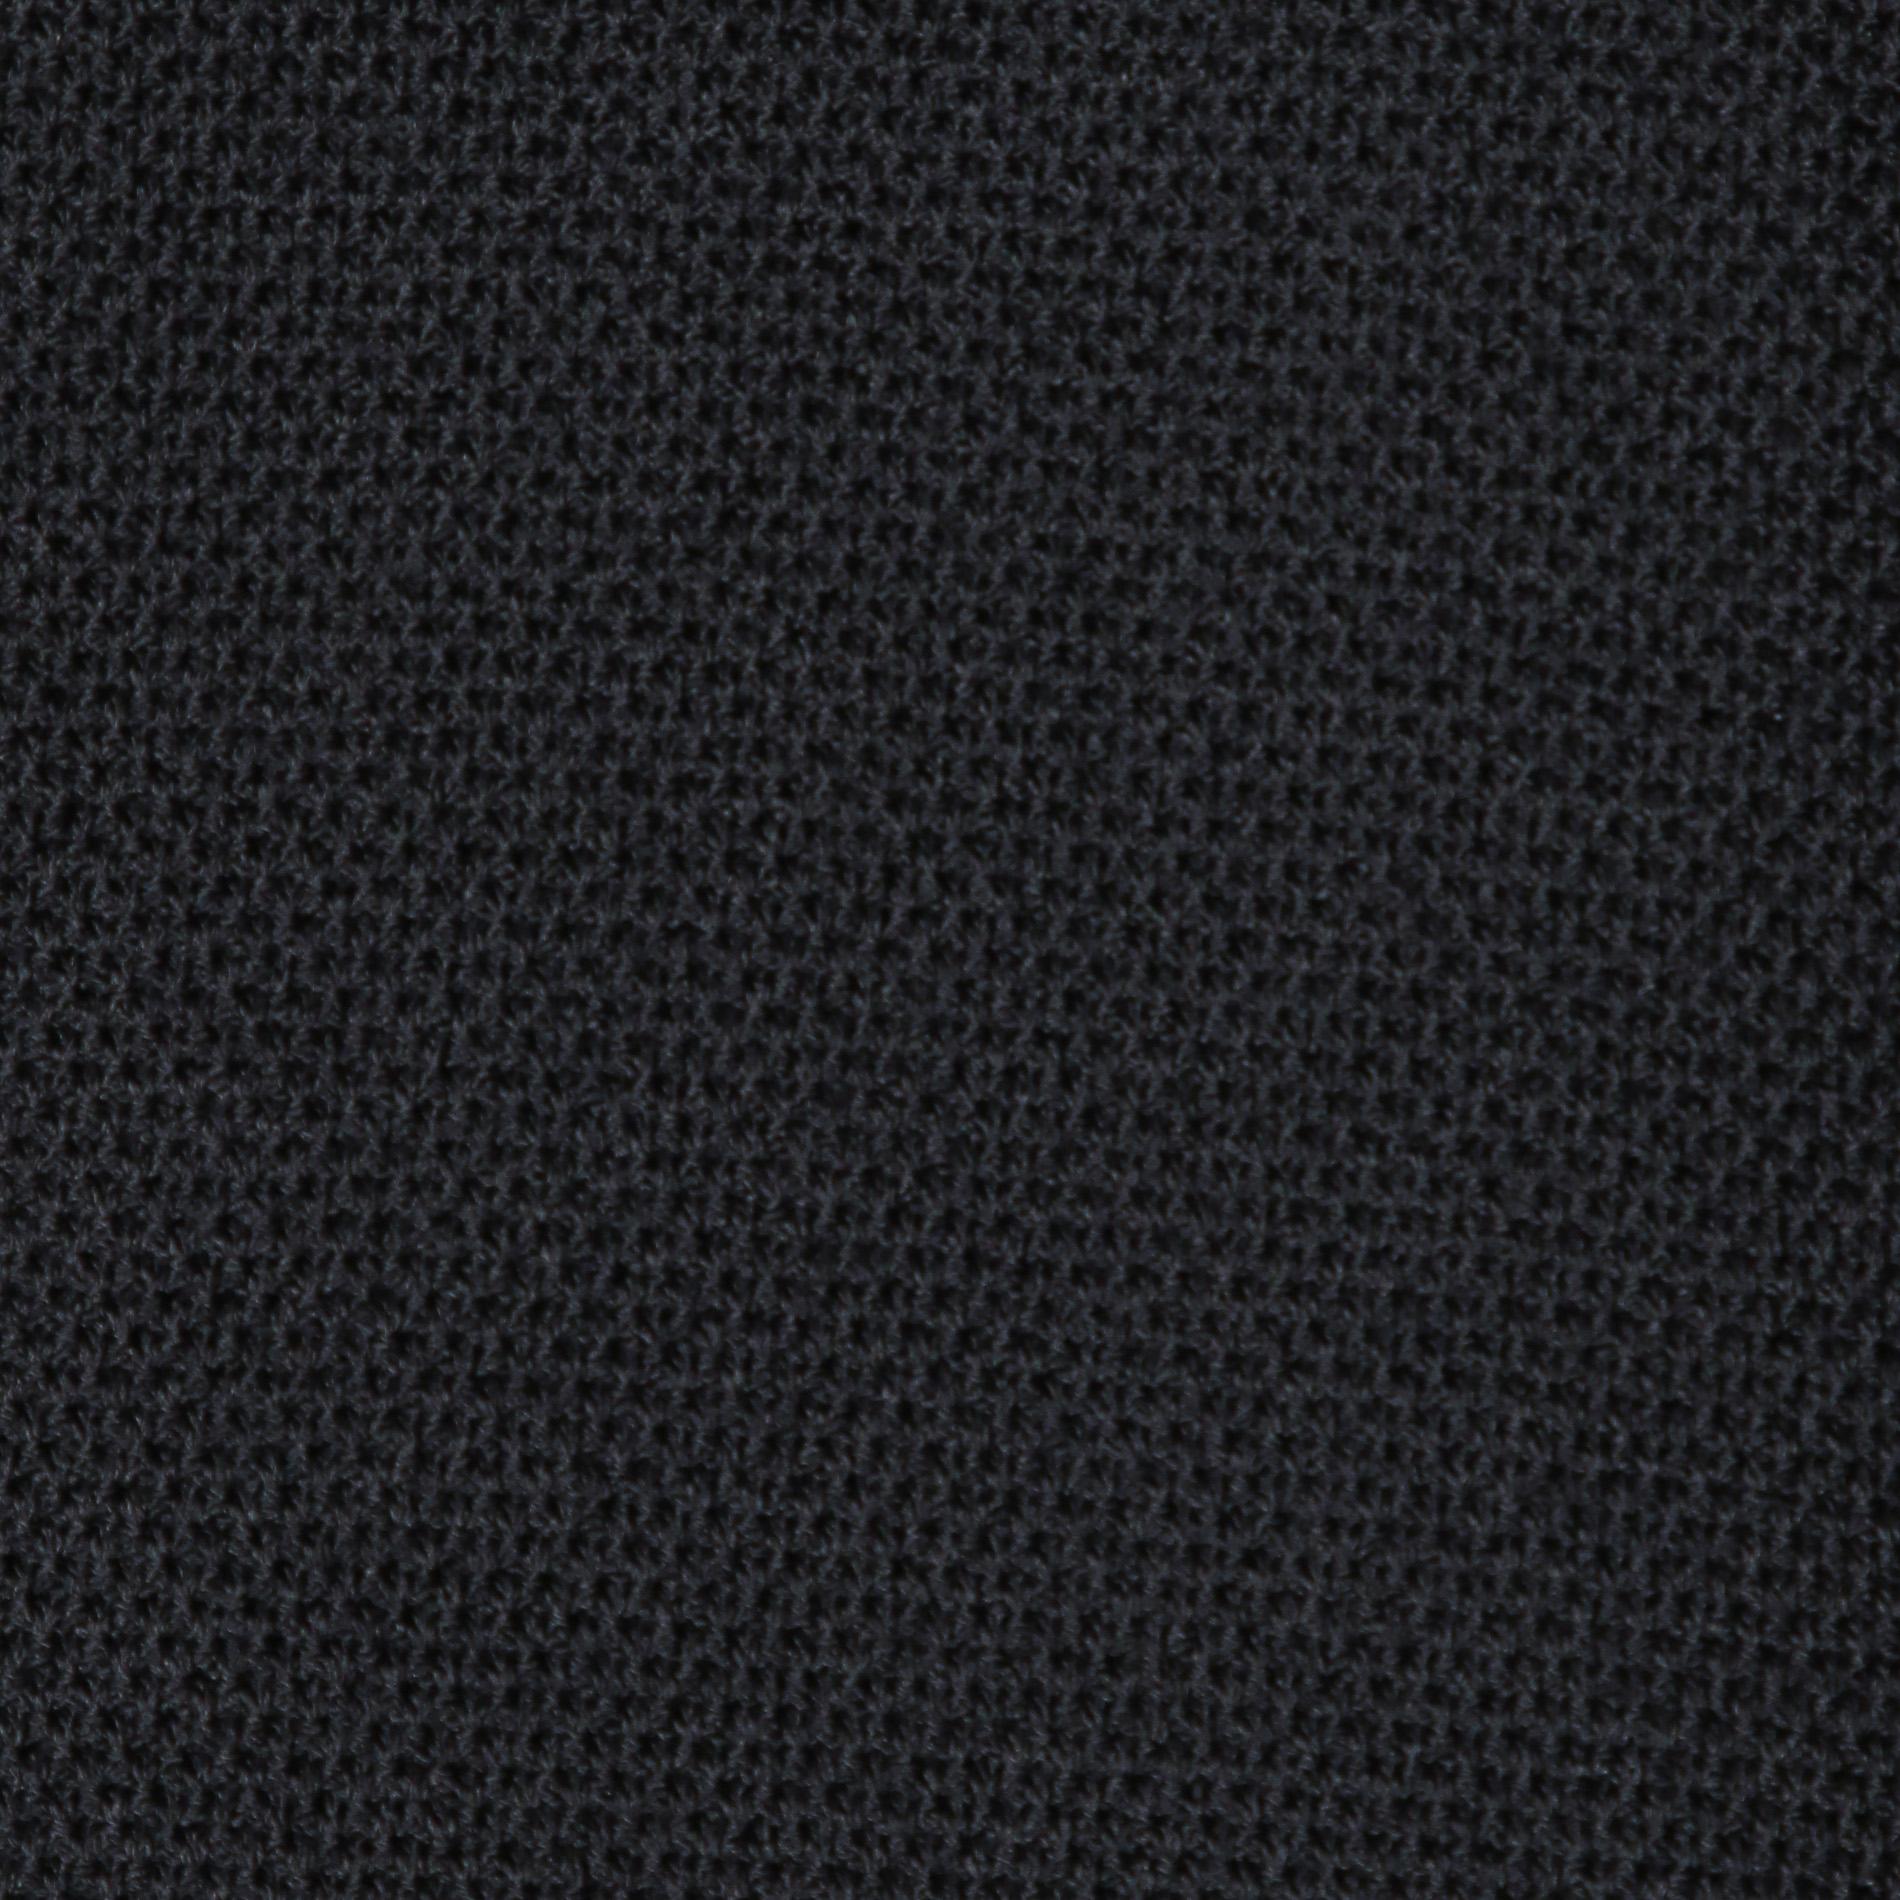 12ゲージリンクス編みニットジャケット